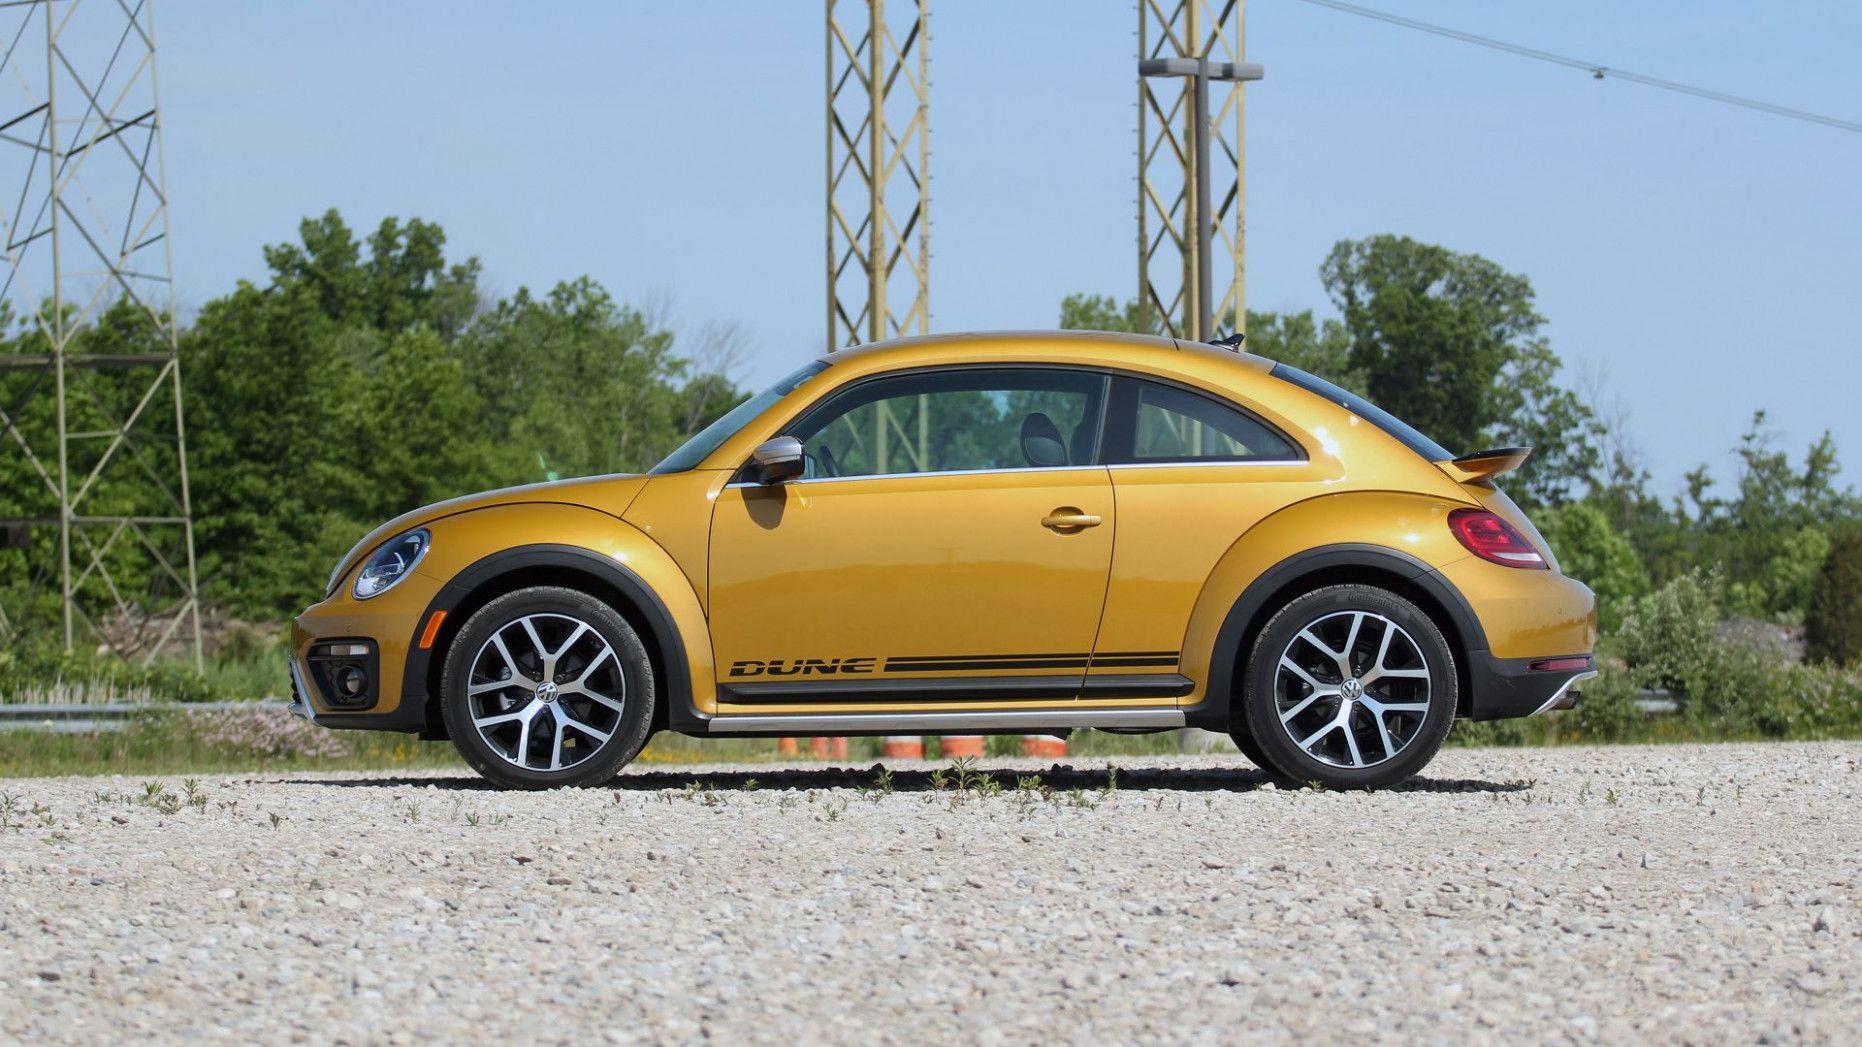 2020 Volkswagen Beetle Dune In 2020 Volkswagen Beetle Volkswagen Vw Beetles